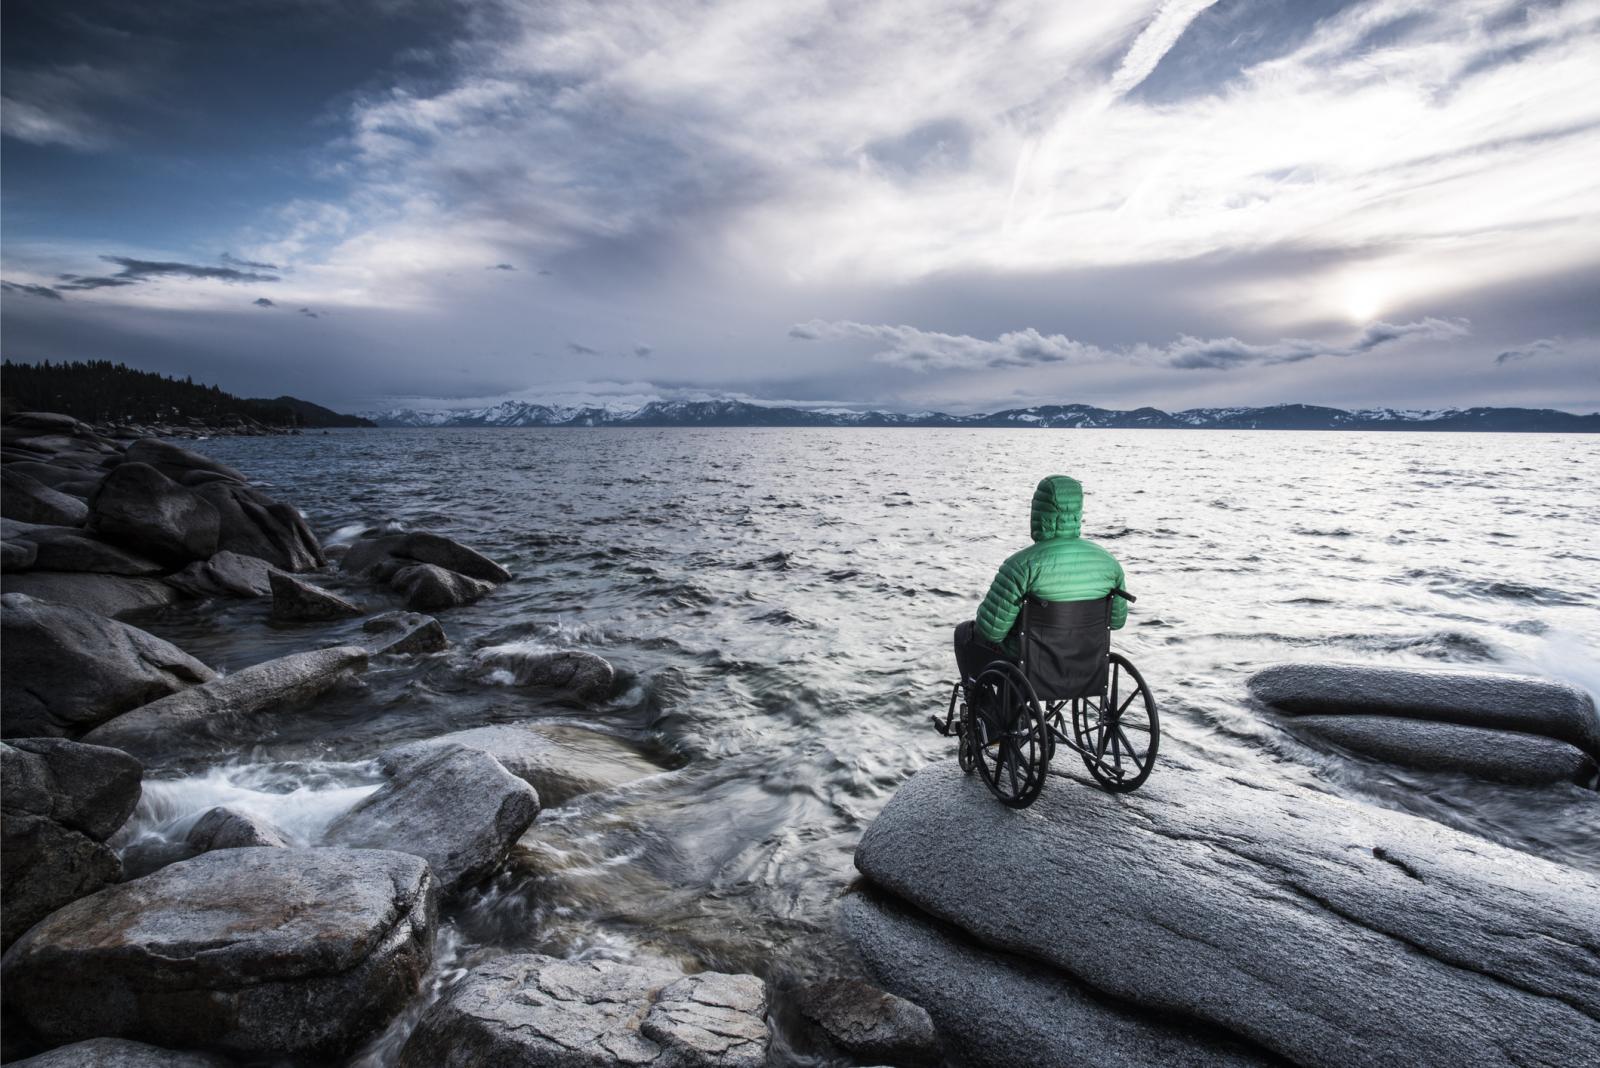 Jakovu Malčiću robotskom neurorehabilitacijom vraćeni su motorika i pokret izgubljeni uslijed ozbiljnog oštećenja leđne moždine.